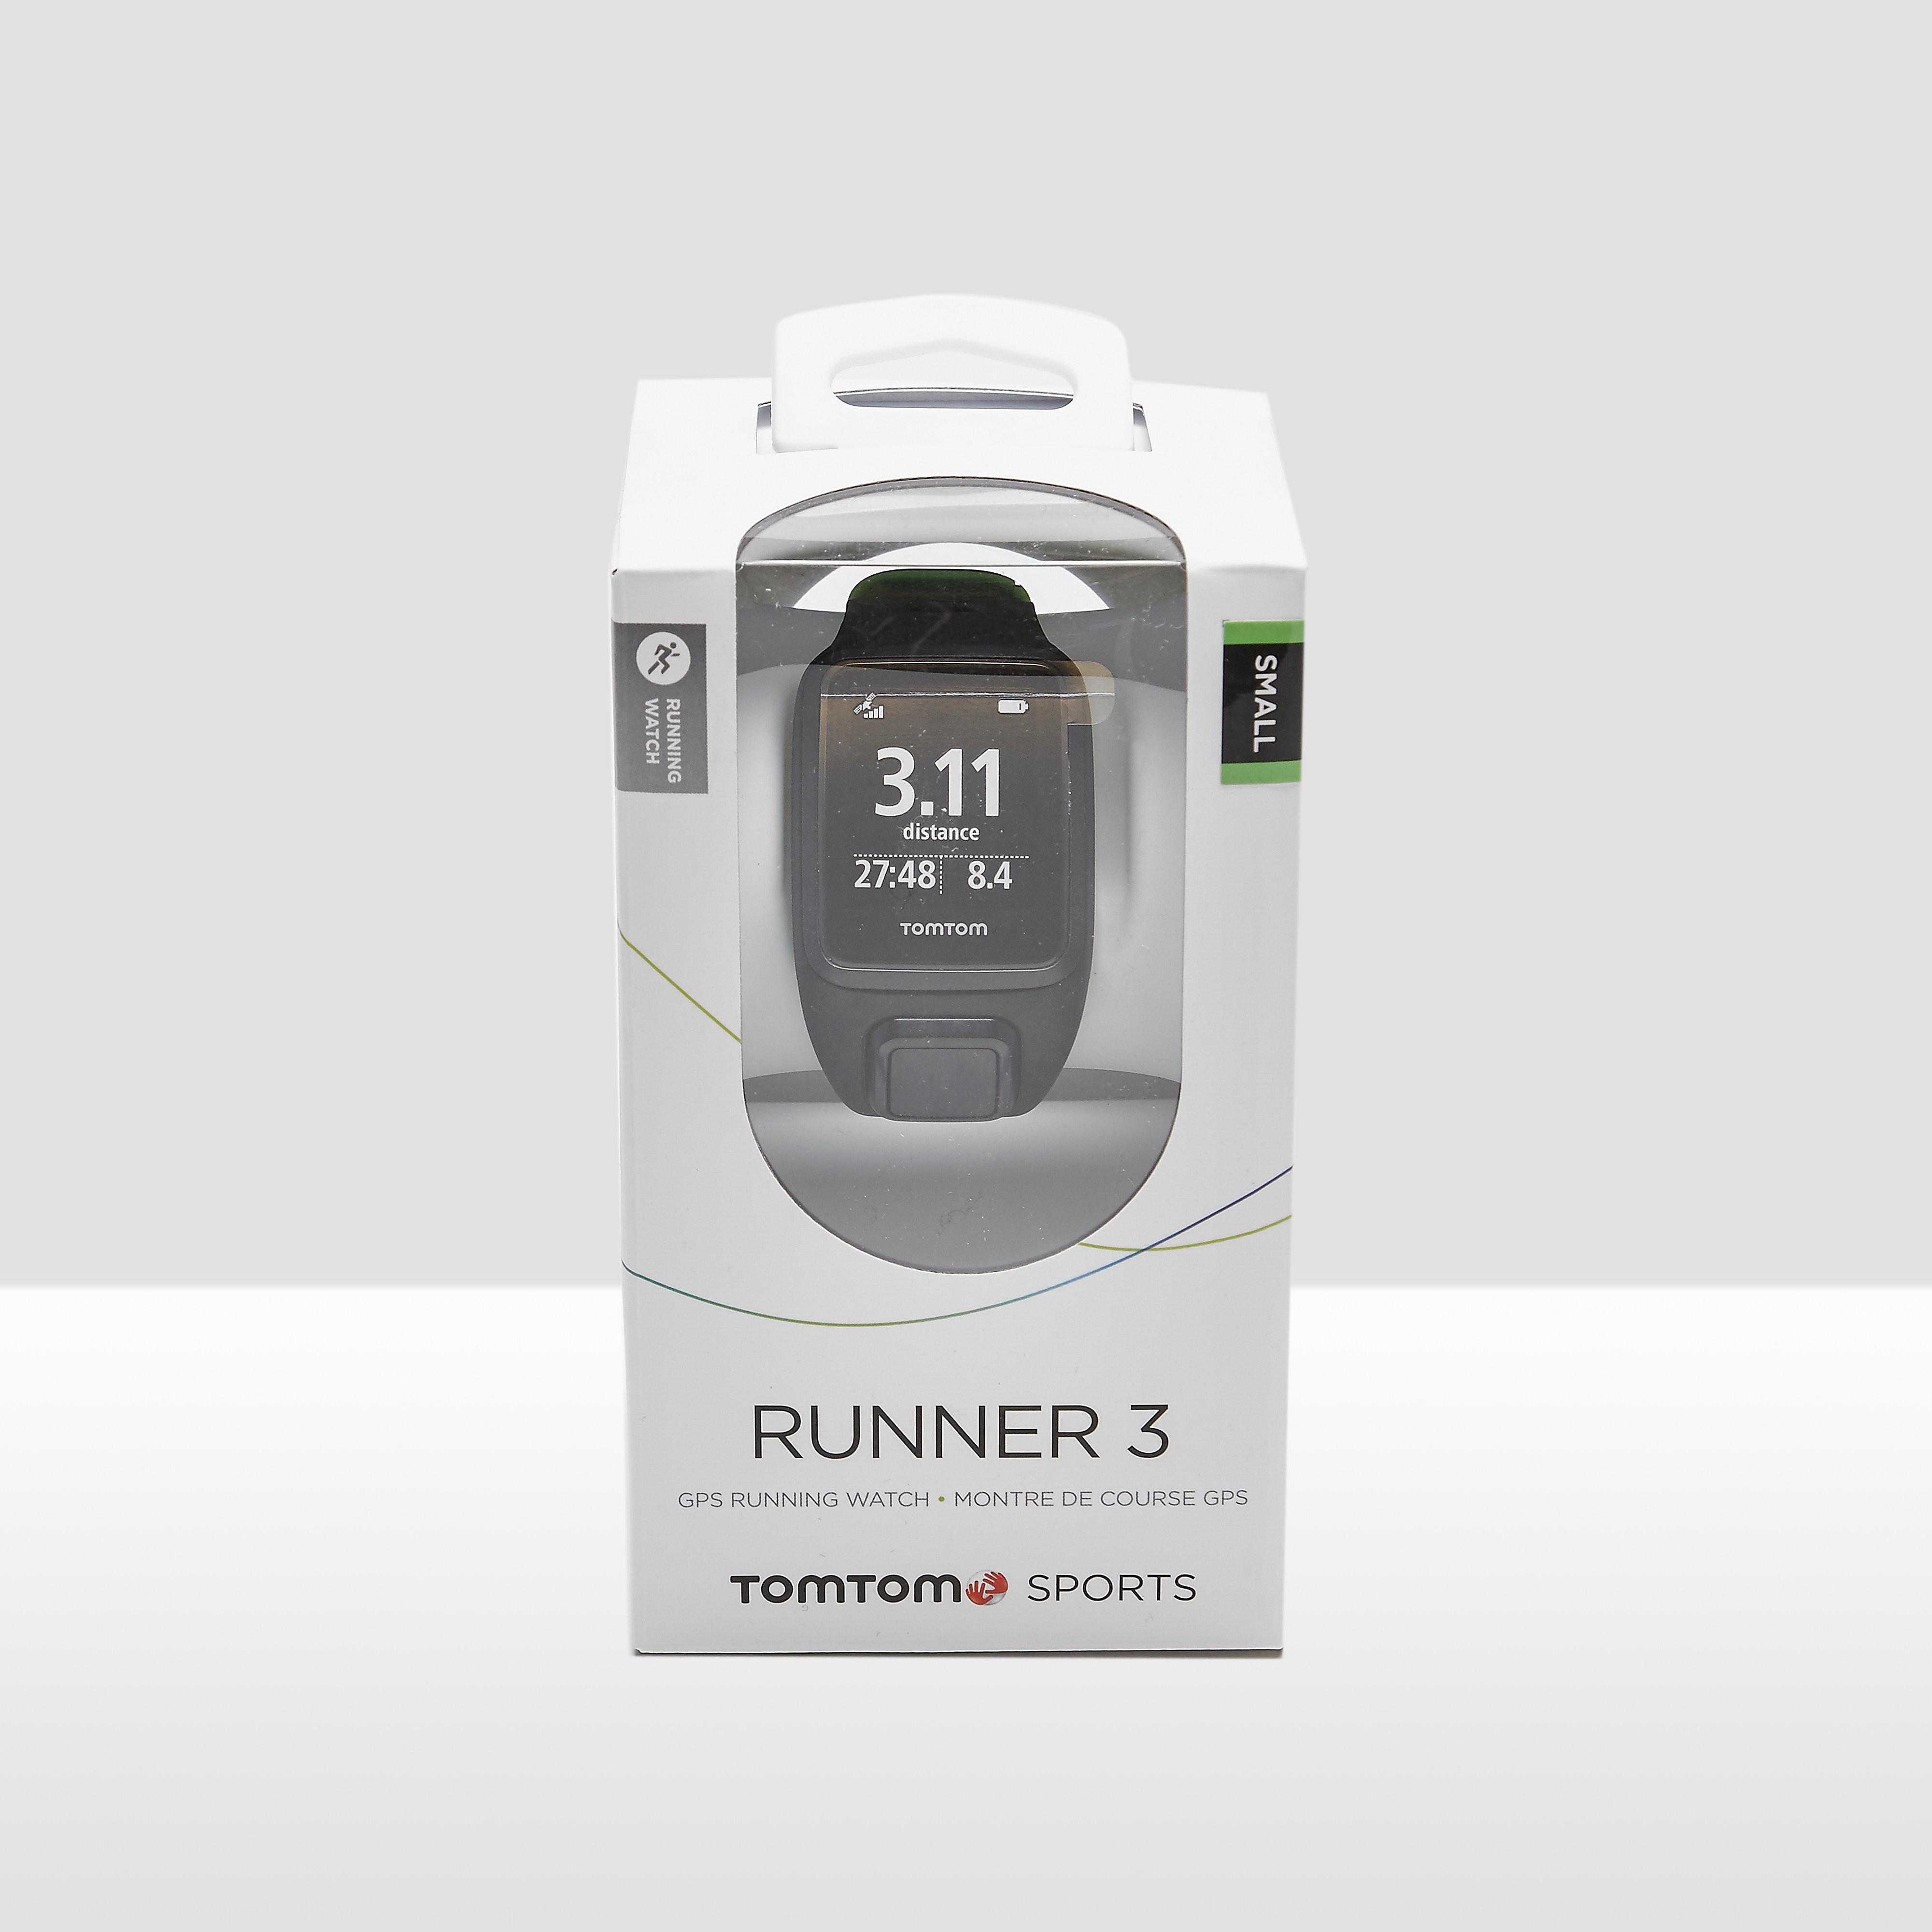 TOMTOM RUNNER 3 GPS SMALL